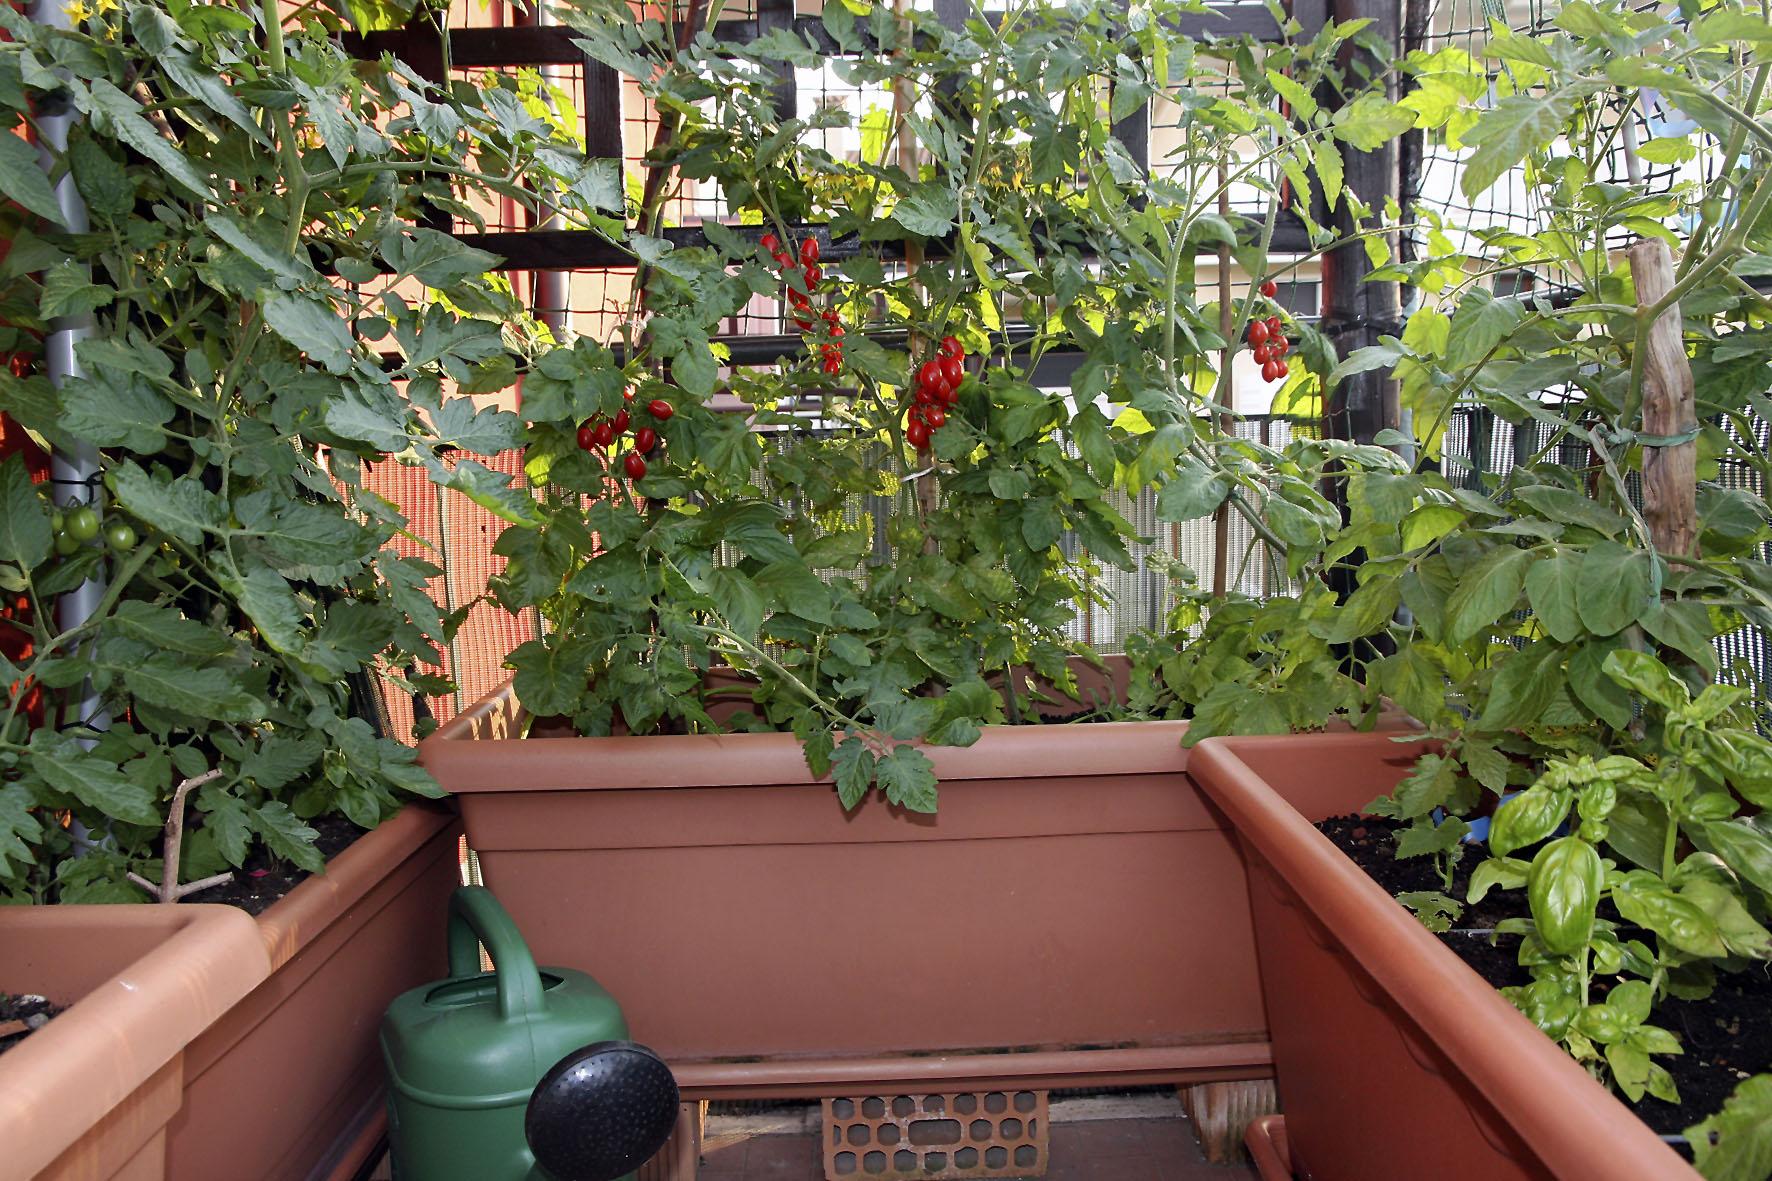 Urban Gardening - Auf kleinstem Raum Obst und Gemüse ernten